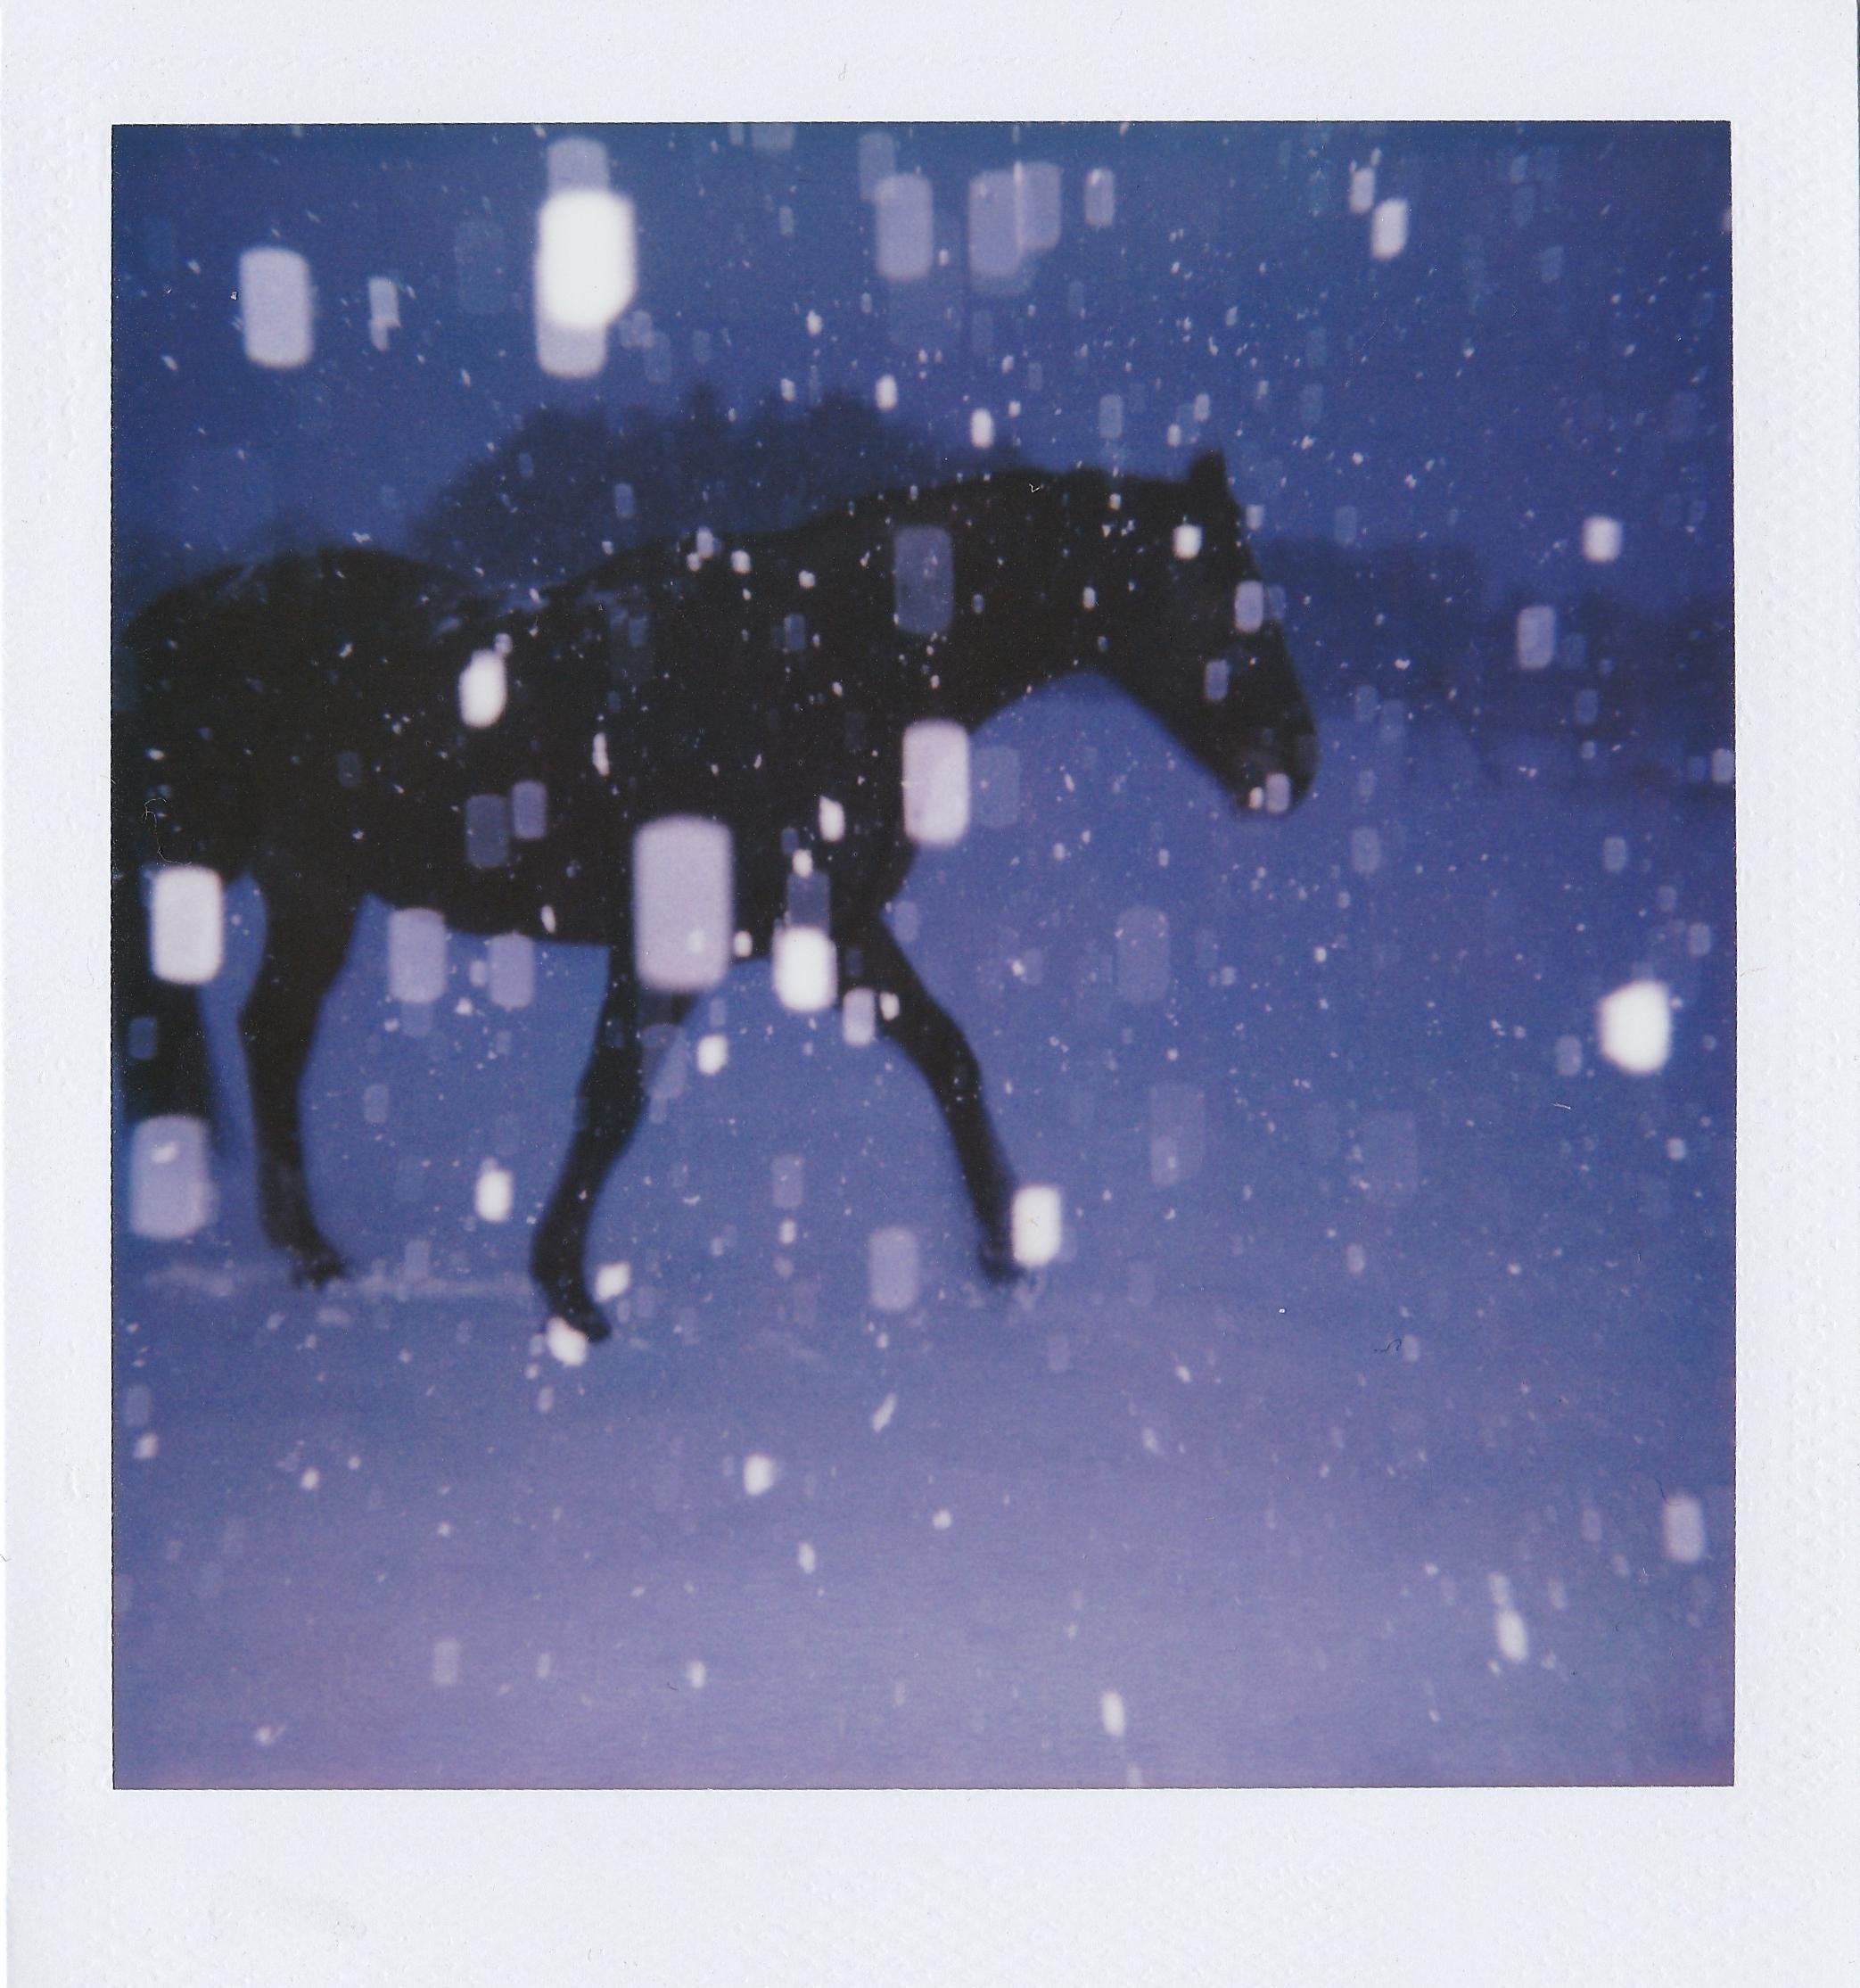 Лошадь в снегу. Фотограф joakimsteyls